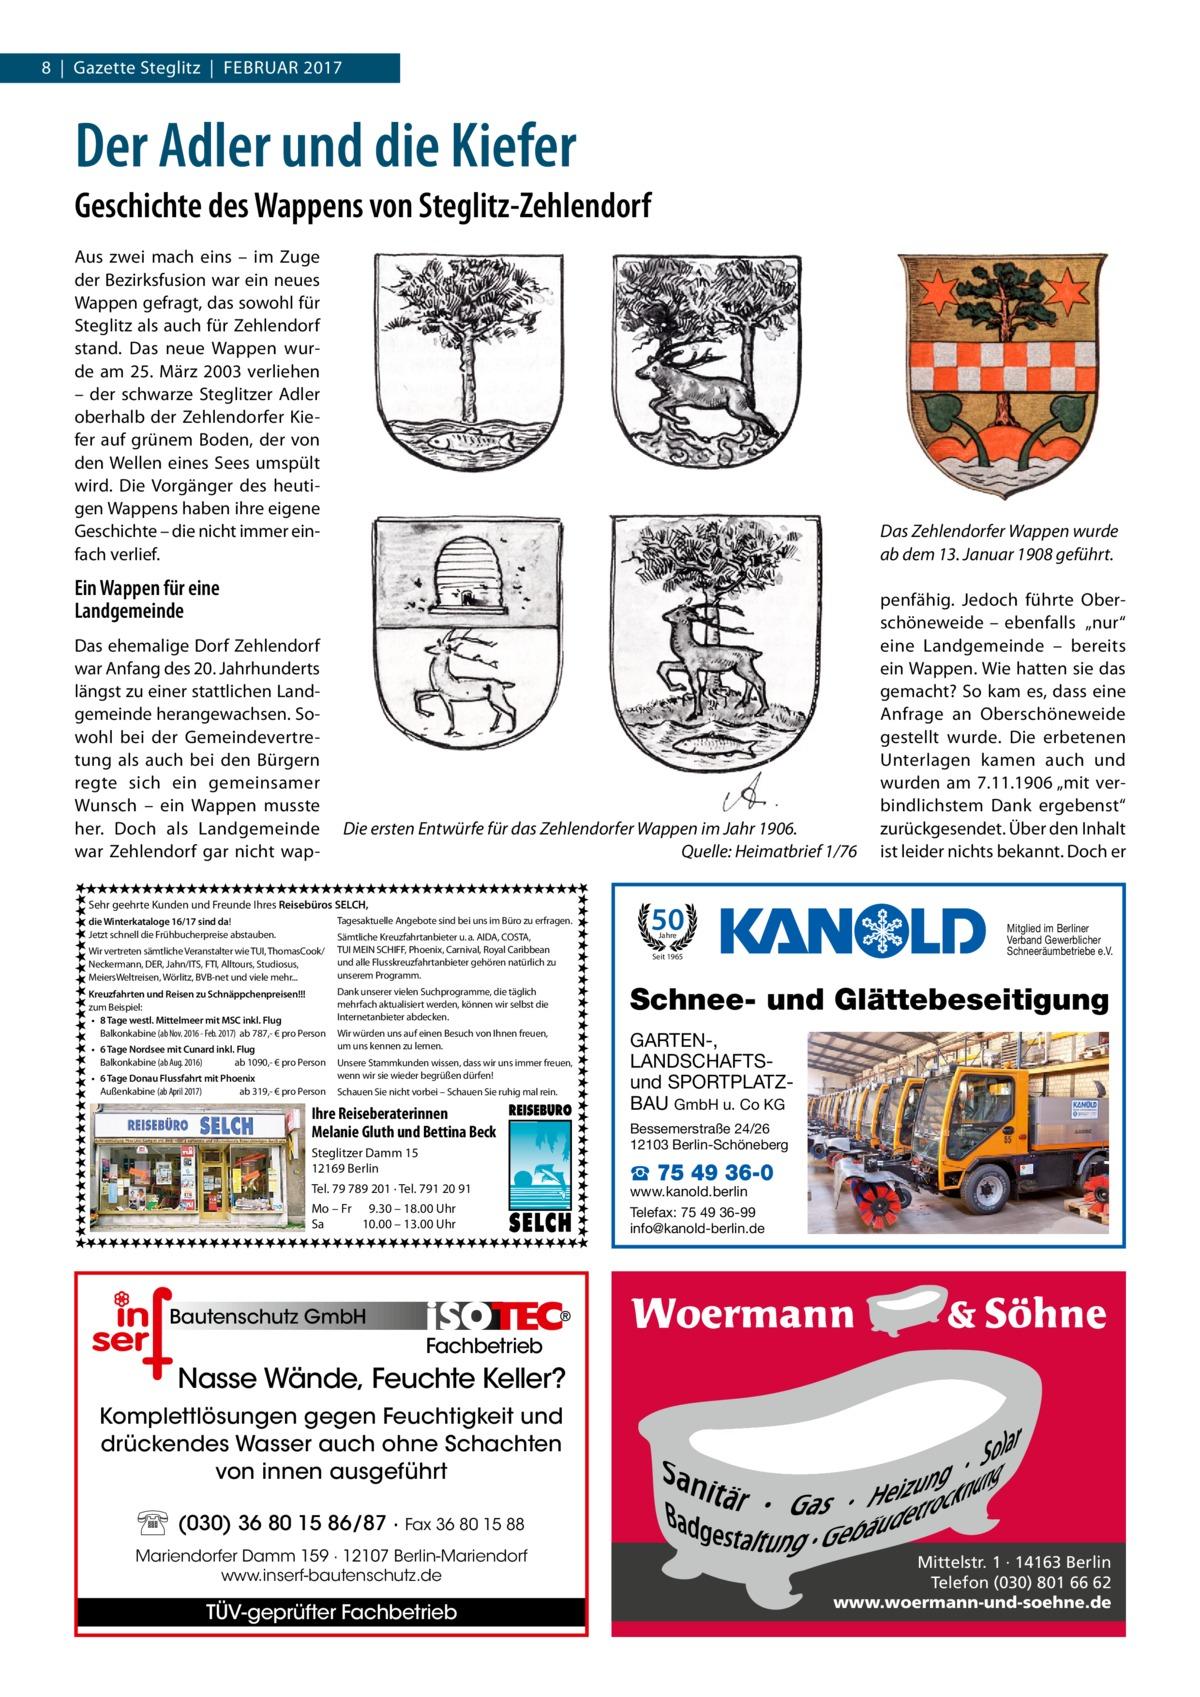 """8 Gazette Steglitz Februar 2017  Der Adler und die Kiefer Geschichte des Wappens von Steglitz-Zehlendorf Aus zwei mach eins – im Zuge der Bezirksfusion war ein neues Wappen gefragt, das sowohl für Steglitz als auch für Zehlendorf stand. Das neue Wappen wurde am 25. März 2003 verliehen – der schwarze Steglitzer Adler oberhalb der Zehlendorfer Kiefer auf grünem Boden, der von den Wellen eines Sees umspült wird. Die Vorgänger des heutigen Wappens haben ihre eigene Geschichte – die nicht immer einfach verlief.  Das Zehlendorfer Wappen wurde ab dem 13.Januar 1908 geführt.  Ein Wappen für eine Landgemeinde Das ehemalige Dorf Zehlendorf war Anfang des 20.Jahrhunderts längst zu einer stattlichen Landgemeinde herangewachsen. Sowohl bei der Gemeindevertretung als auch bei den Bürgern regte sich ein gemeinsamer Wunsch – ein Wappen musste her. Doch als Landgemeinde war Zehlendorf gar nicht wap Die ersten Entwürfe für das Zehlendorfer Wappen im Jahr 1906. � Quelle: Heimatbrief 1/76  Sehr geehrte Kunden und Freunde Ihres Reisebüros SELCH, Tagesaktuelle Angebote sind bei uns im Büro zu erfragen.  die Winterkataloge 16/17 sind da! Jetzt schnell die Frühbucherpreise abstauben. Wir vertreten sämtliche Veranstalter wie TUI, ThomasCook/ Neckermann, DER, Jahn/ITS, FTI, Alltours, Studiosus, MeiersWeltreisen, Wörlitz, BVB-net und viele mehr... Kreuzfahrten und Reisen zu Schnäppchenpreisen!!! zum Beispiel: • 8 Tage westl. Mittelmeer mit MSC inkl. Flug Balkonkabine (ab Nov. 2016 - Feb. 2017) ab 787,- € pro Person • 6 Tage Nordsee mit Cunard inkl. Flug Balkonkabine (ab Aug. 2016) ab 1090,- € pro Person • 6 Tage Donau Flussfahrt mit Phoenix Außenkabine (ab April 2017) ab 319,- € pro Person  Sämtliche Kreuzfahrtanbieter u. a. AIDA, COSTA, TUI MEIN SCHIFF, Phoenix, Carnival, Royal Caribbean und alle Flusskreuzfahrtanbieter gehören natürlich zu unserem Programm.  50 Jahre  Seit 1965  penfähig. Jedoch führte Oberschöneweide – ebenfalls """"nur"""" eine Landgemeinde – bereits ein Wappen. Wie hatten sie """